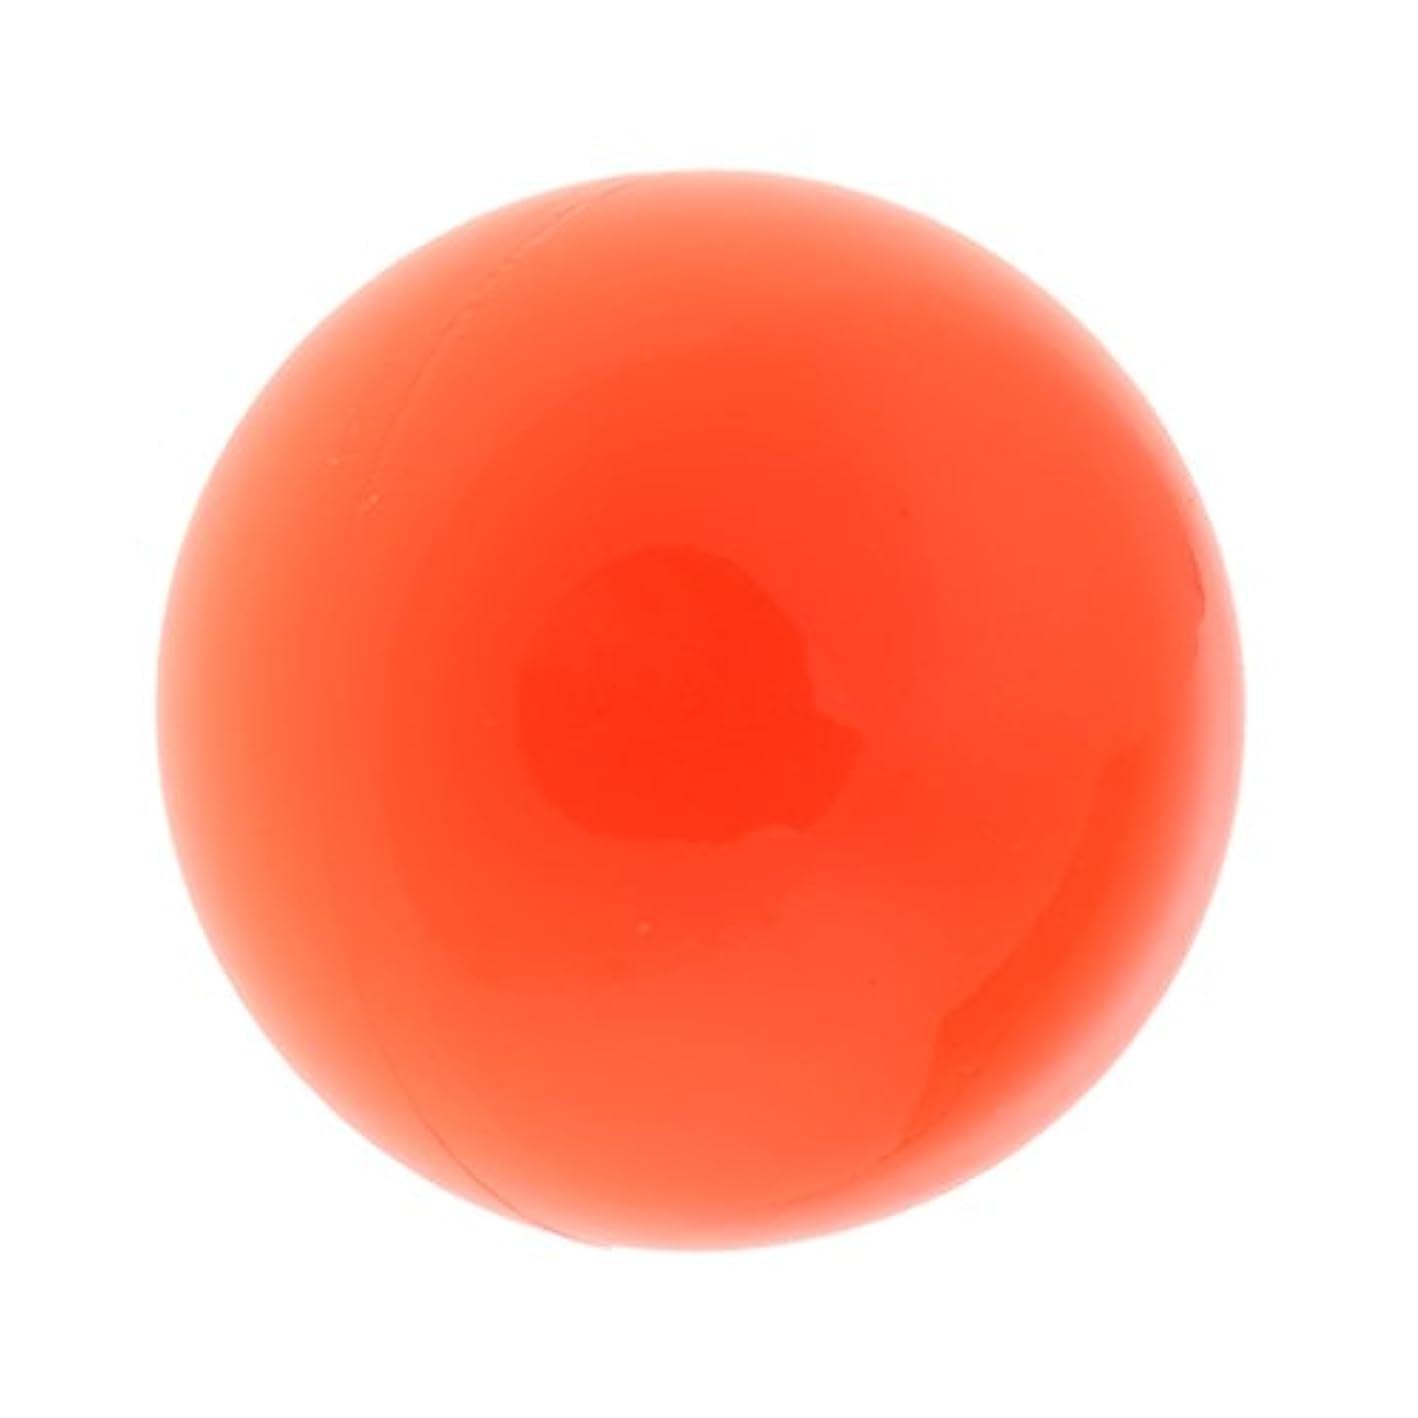 限定最後の滅びるFenteer ラクロスマッサージボール マッサージボール マッサージ 手のひら 足 腕 首 背中 足首 ジム ホーム 便利 オレンジ